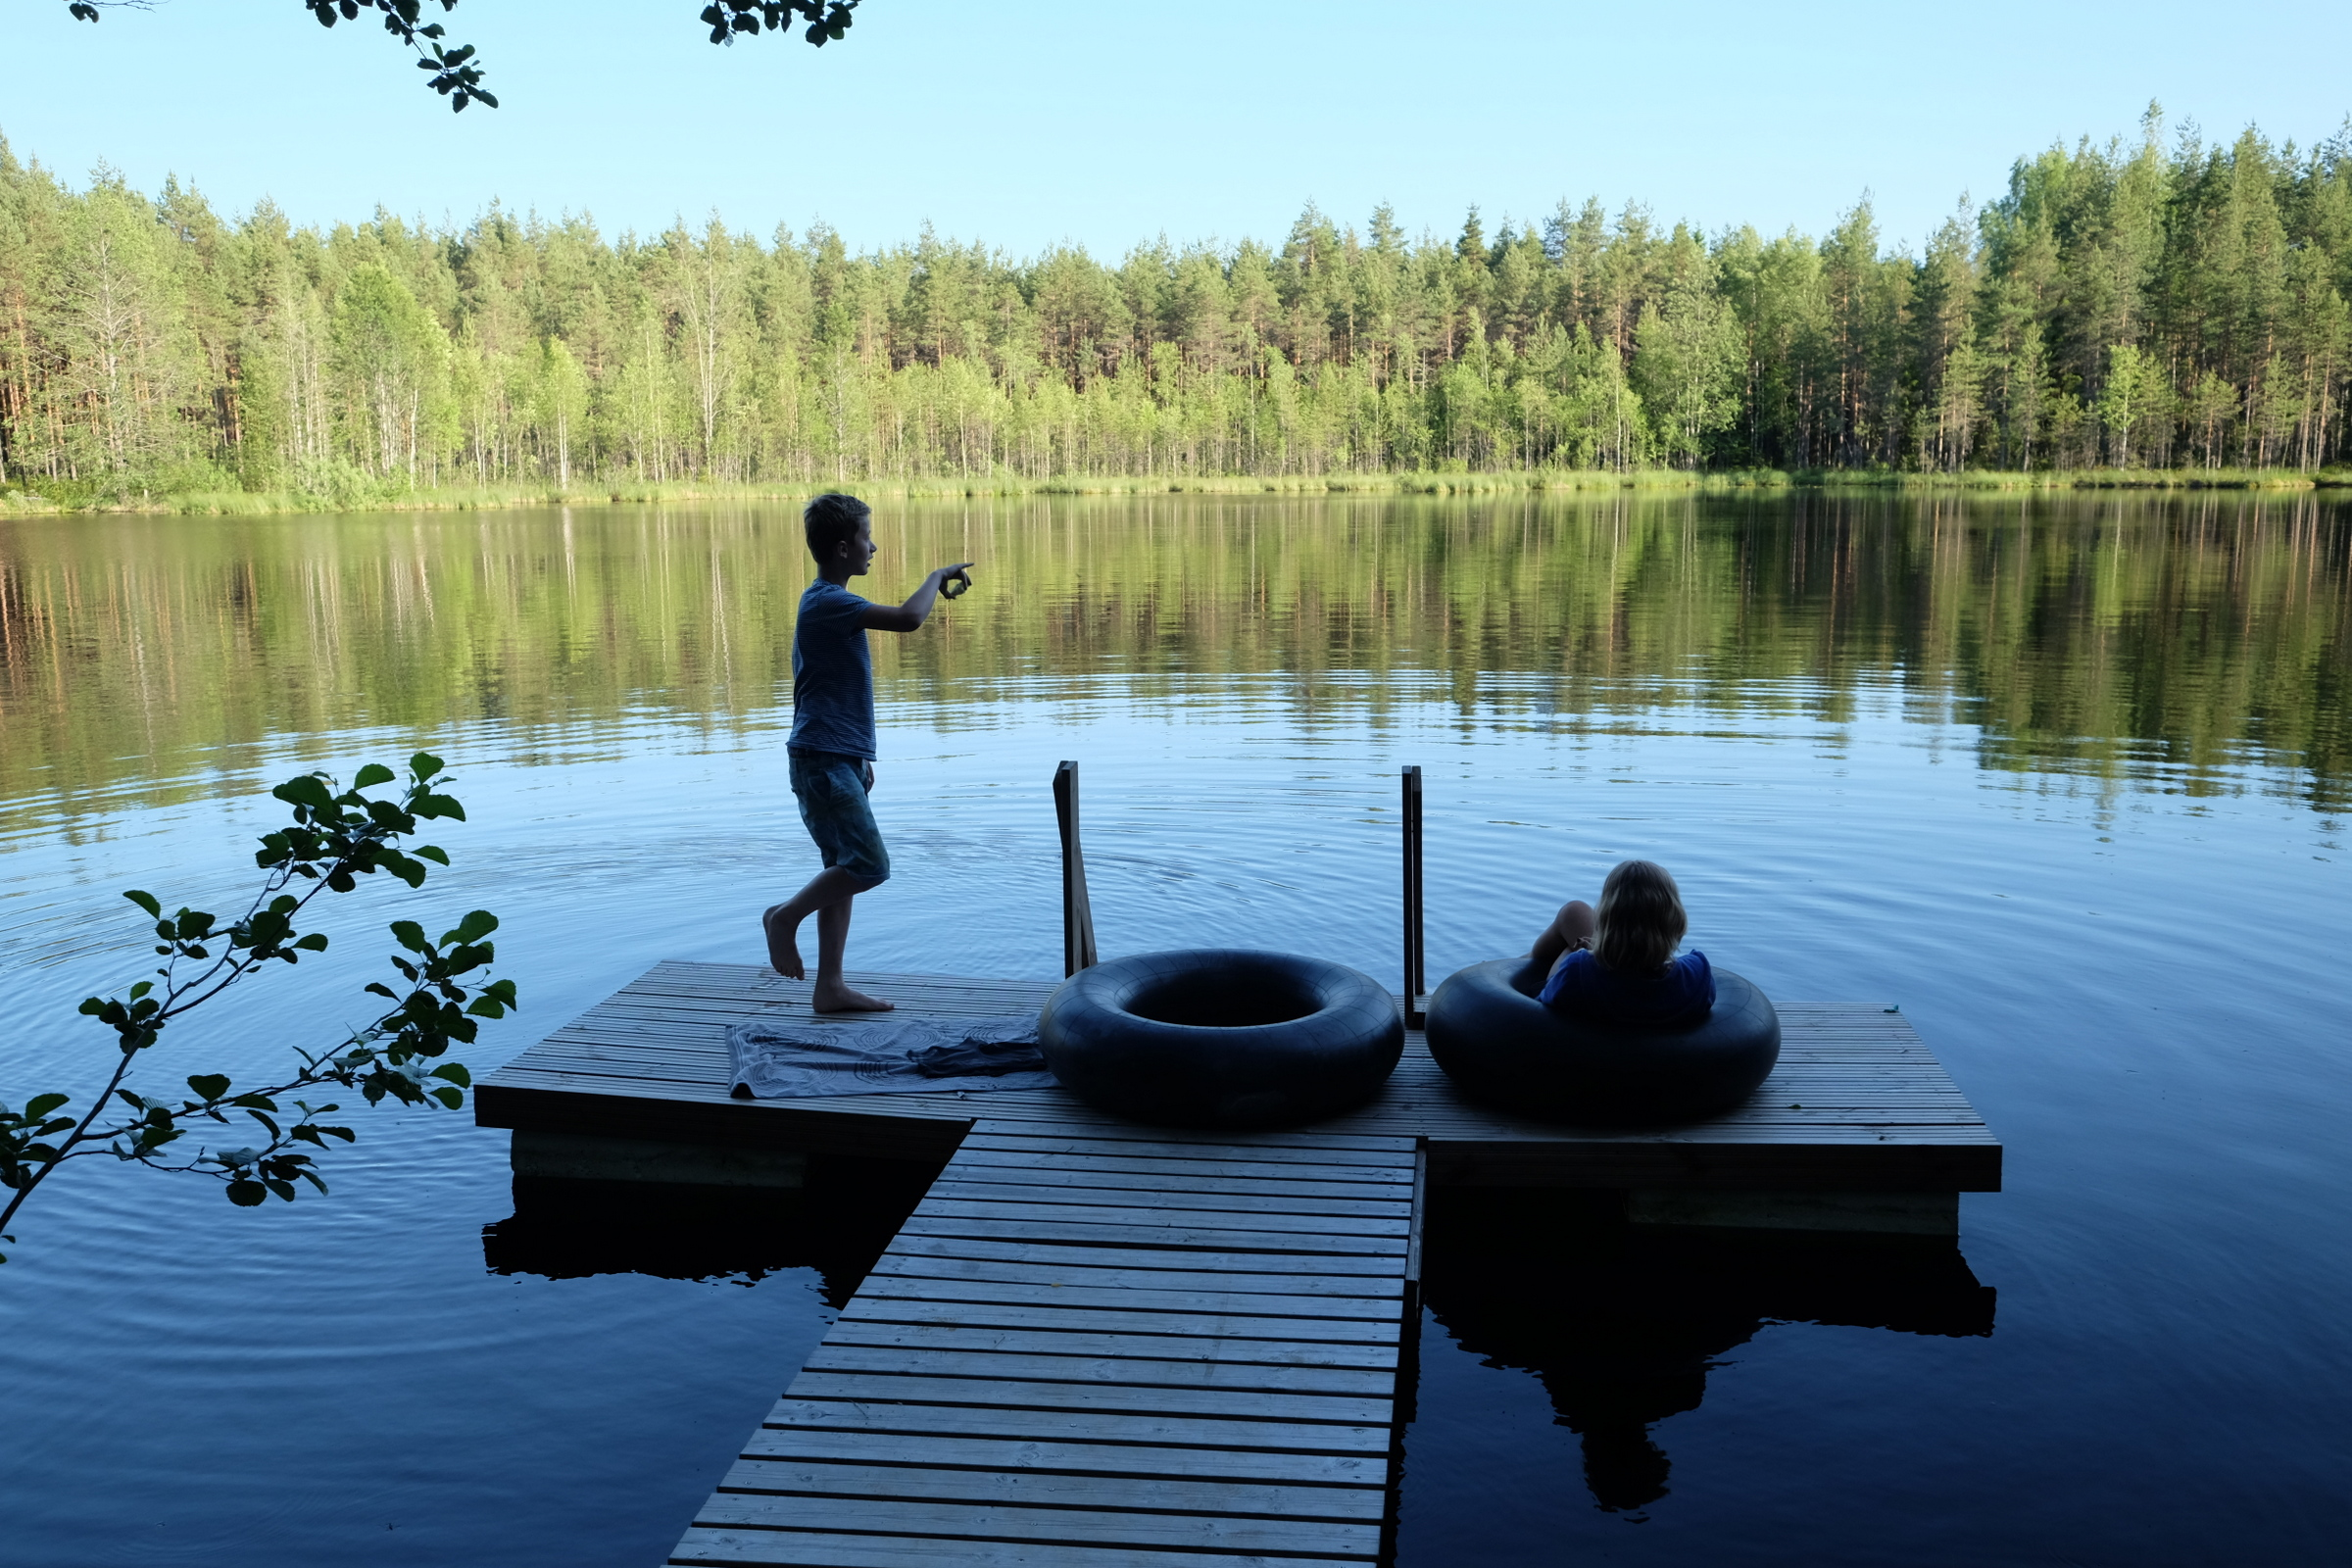 Finnland im Sommerhaus